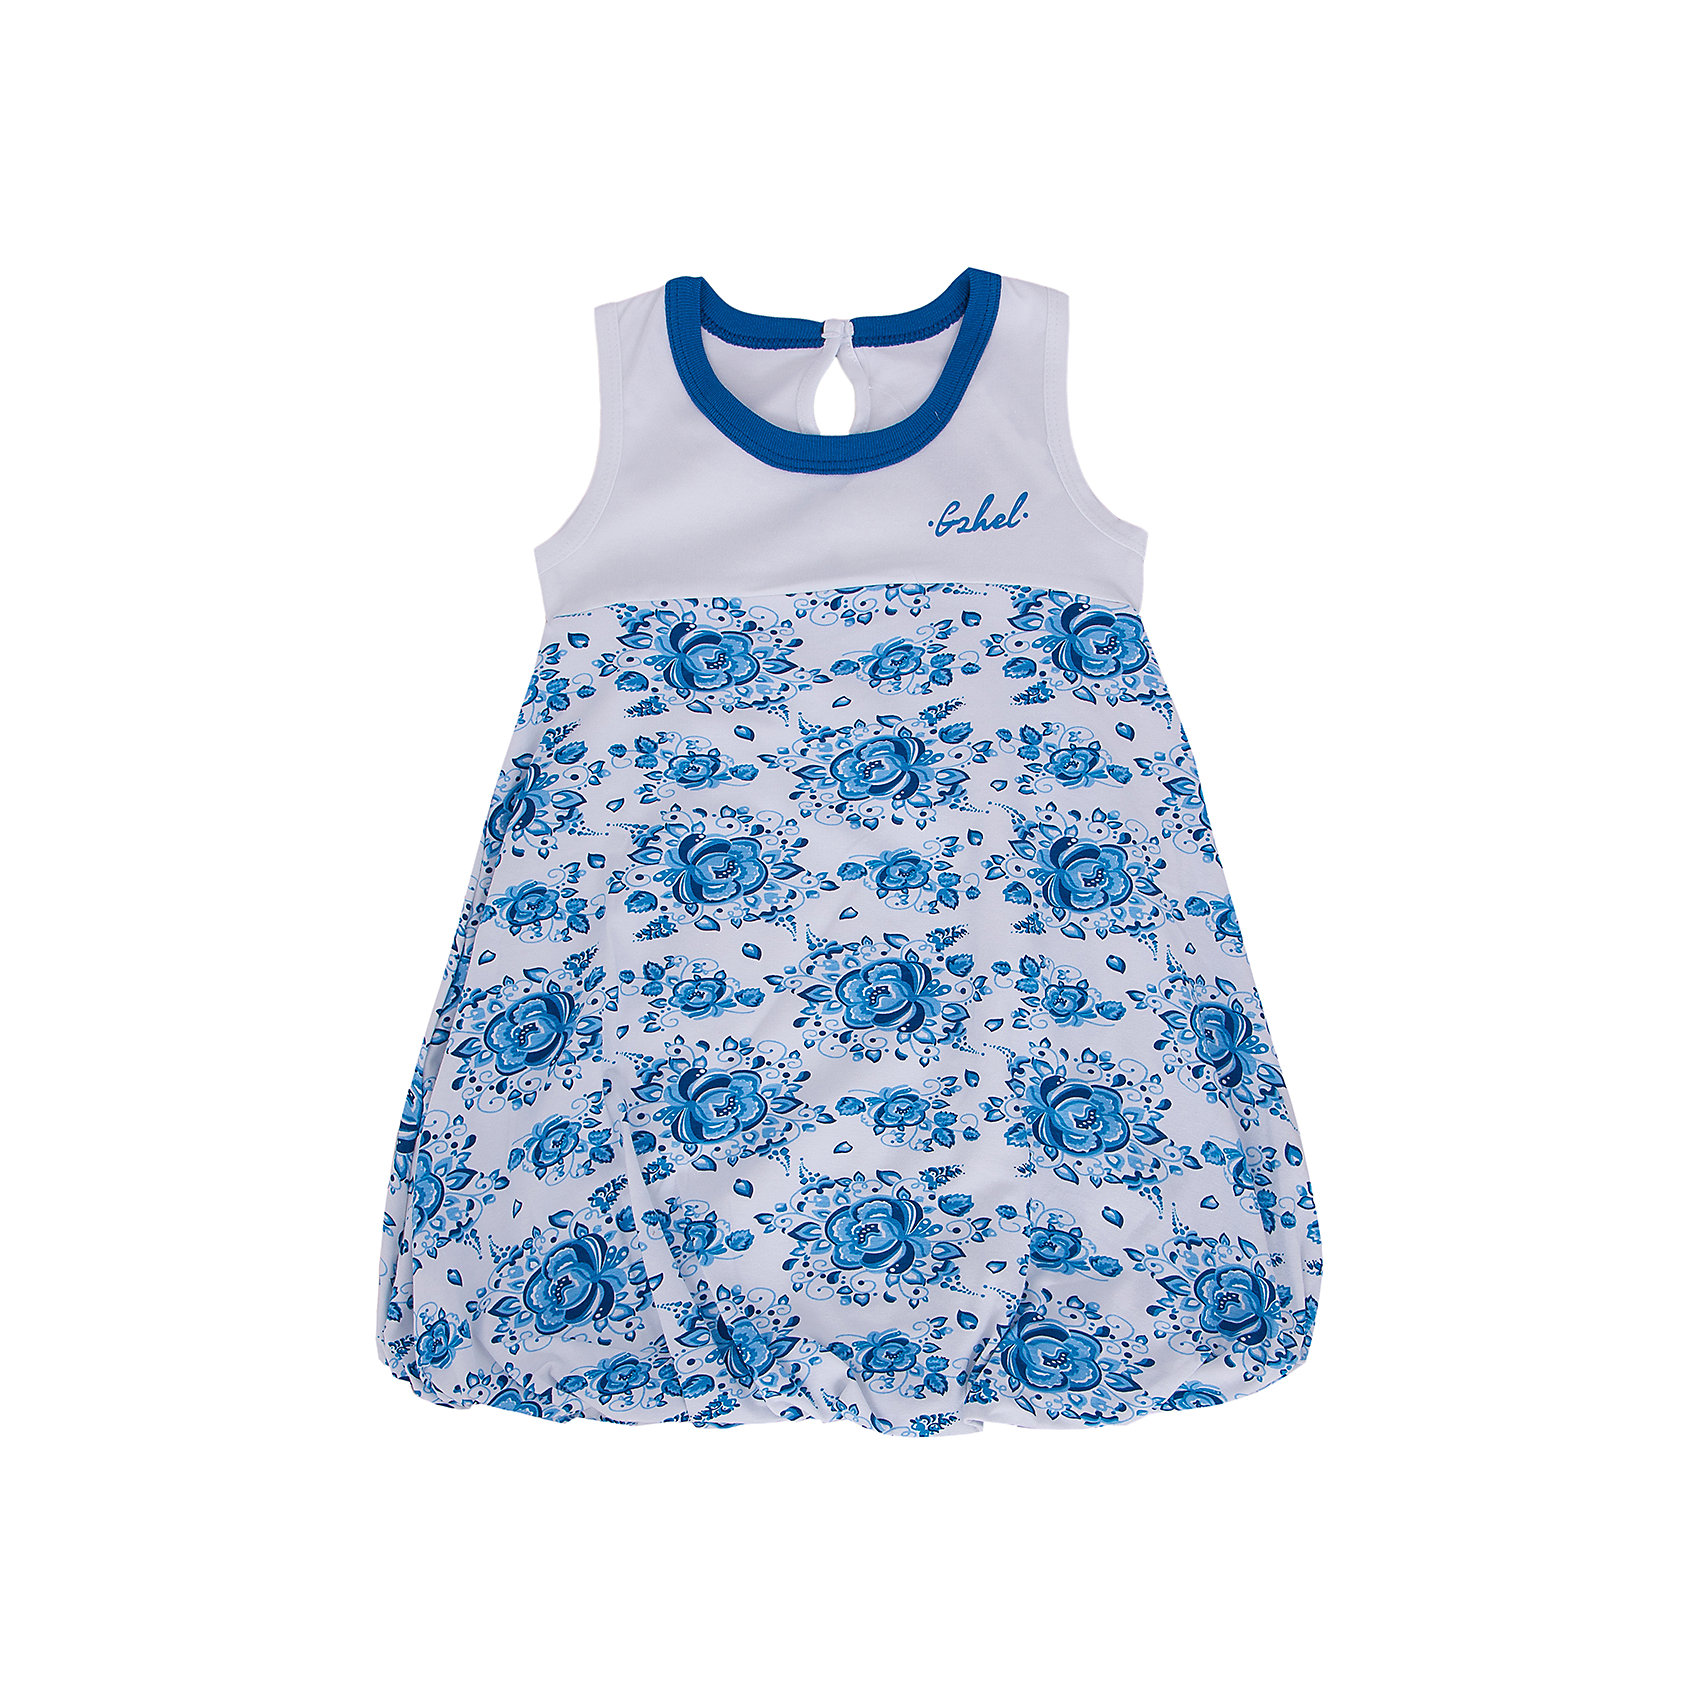 Платье АпрельПлатья и сарафаны<br>Красивое платье выполнено из мягкого, легкого полотна. Приятный на ощупь, не сковывает движения, обеспечивая наибольший комфорт. Платье украшено дизайнерской печатью и набивкой. Оригинальный дизайн и модная расцветка делают его незаменимым предметом детского гардероба. Состав: 92% хлопок, 8% лайкра<br><br>Ширина мм: 236<br>Глубина мм: 16<br>Высота мм: 184<br>Вес г: 177<br>Цвет: синий<br>Возраст от месяцев: 36<br>Возраст до месяцев: 48<br>Пол: Женский<br>Возраст: Детский<br>Размер: 104,128,98,92,122,116,110<br>SKU: 4630492